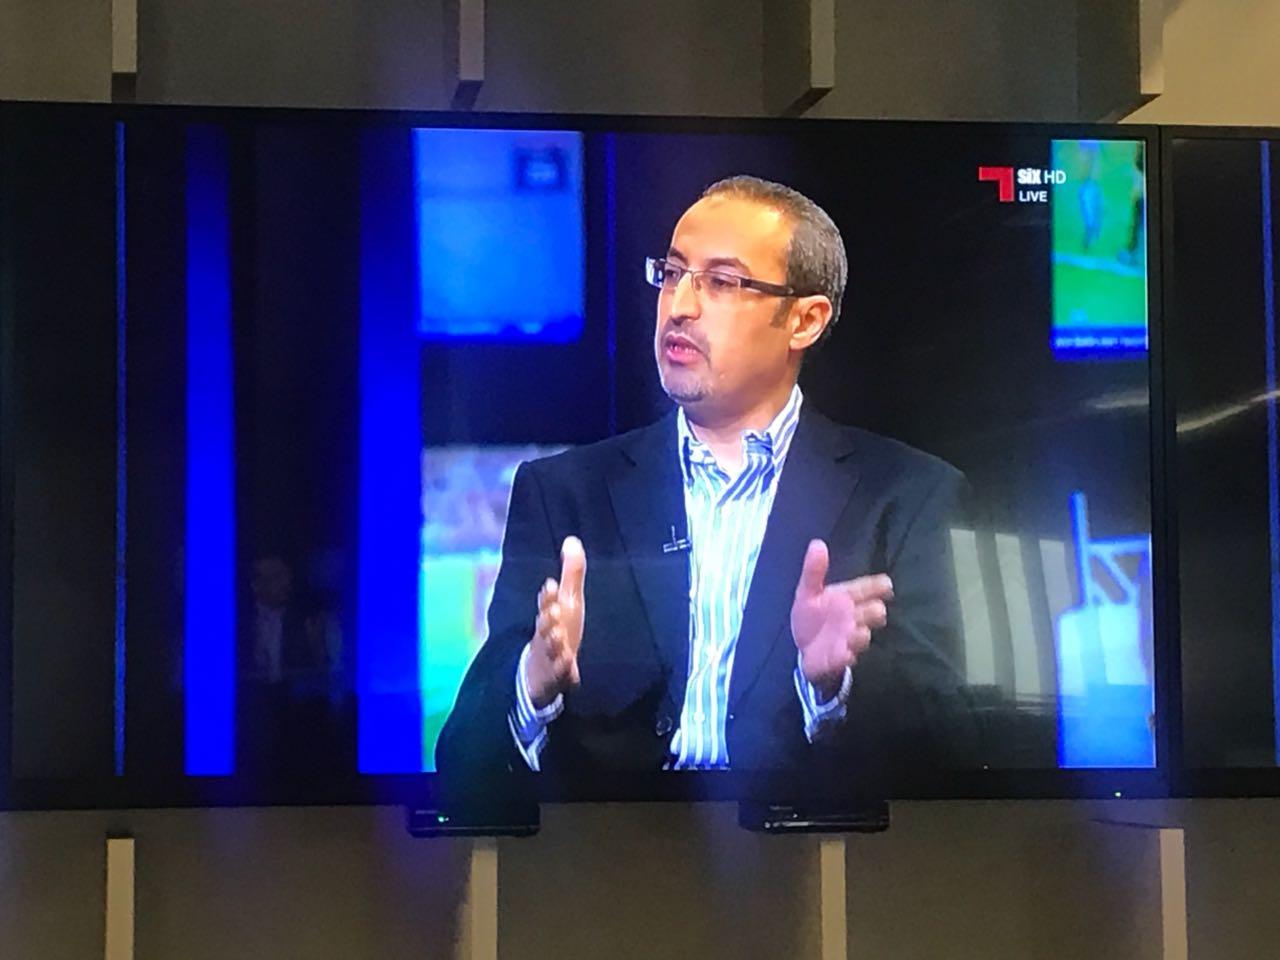 الإعلامي المغربي أمين الركراكي: لا يمكن للعرب أن يتفقوا حول ملف المغرب وهم مشتتون سياسيا